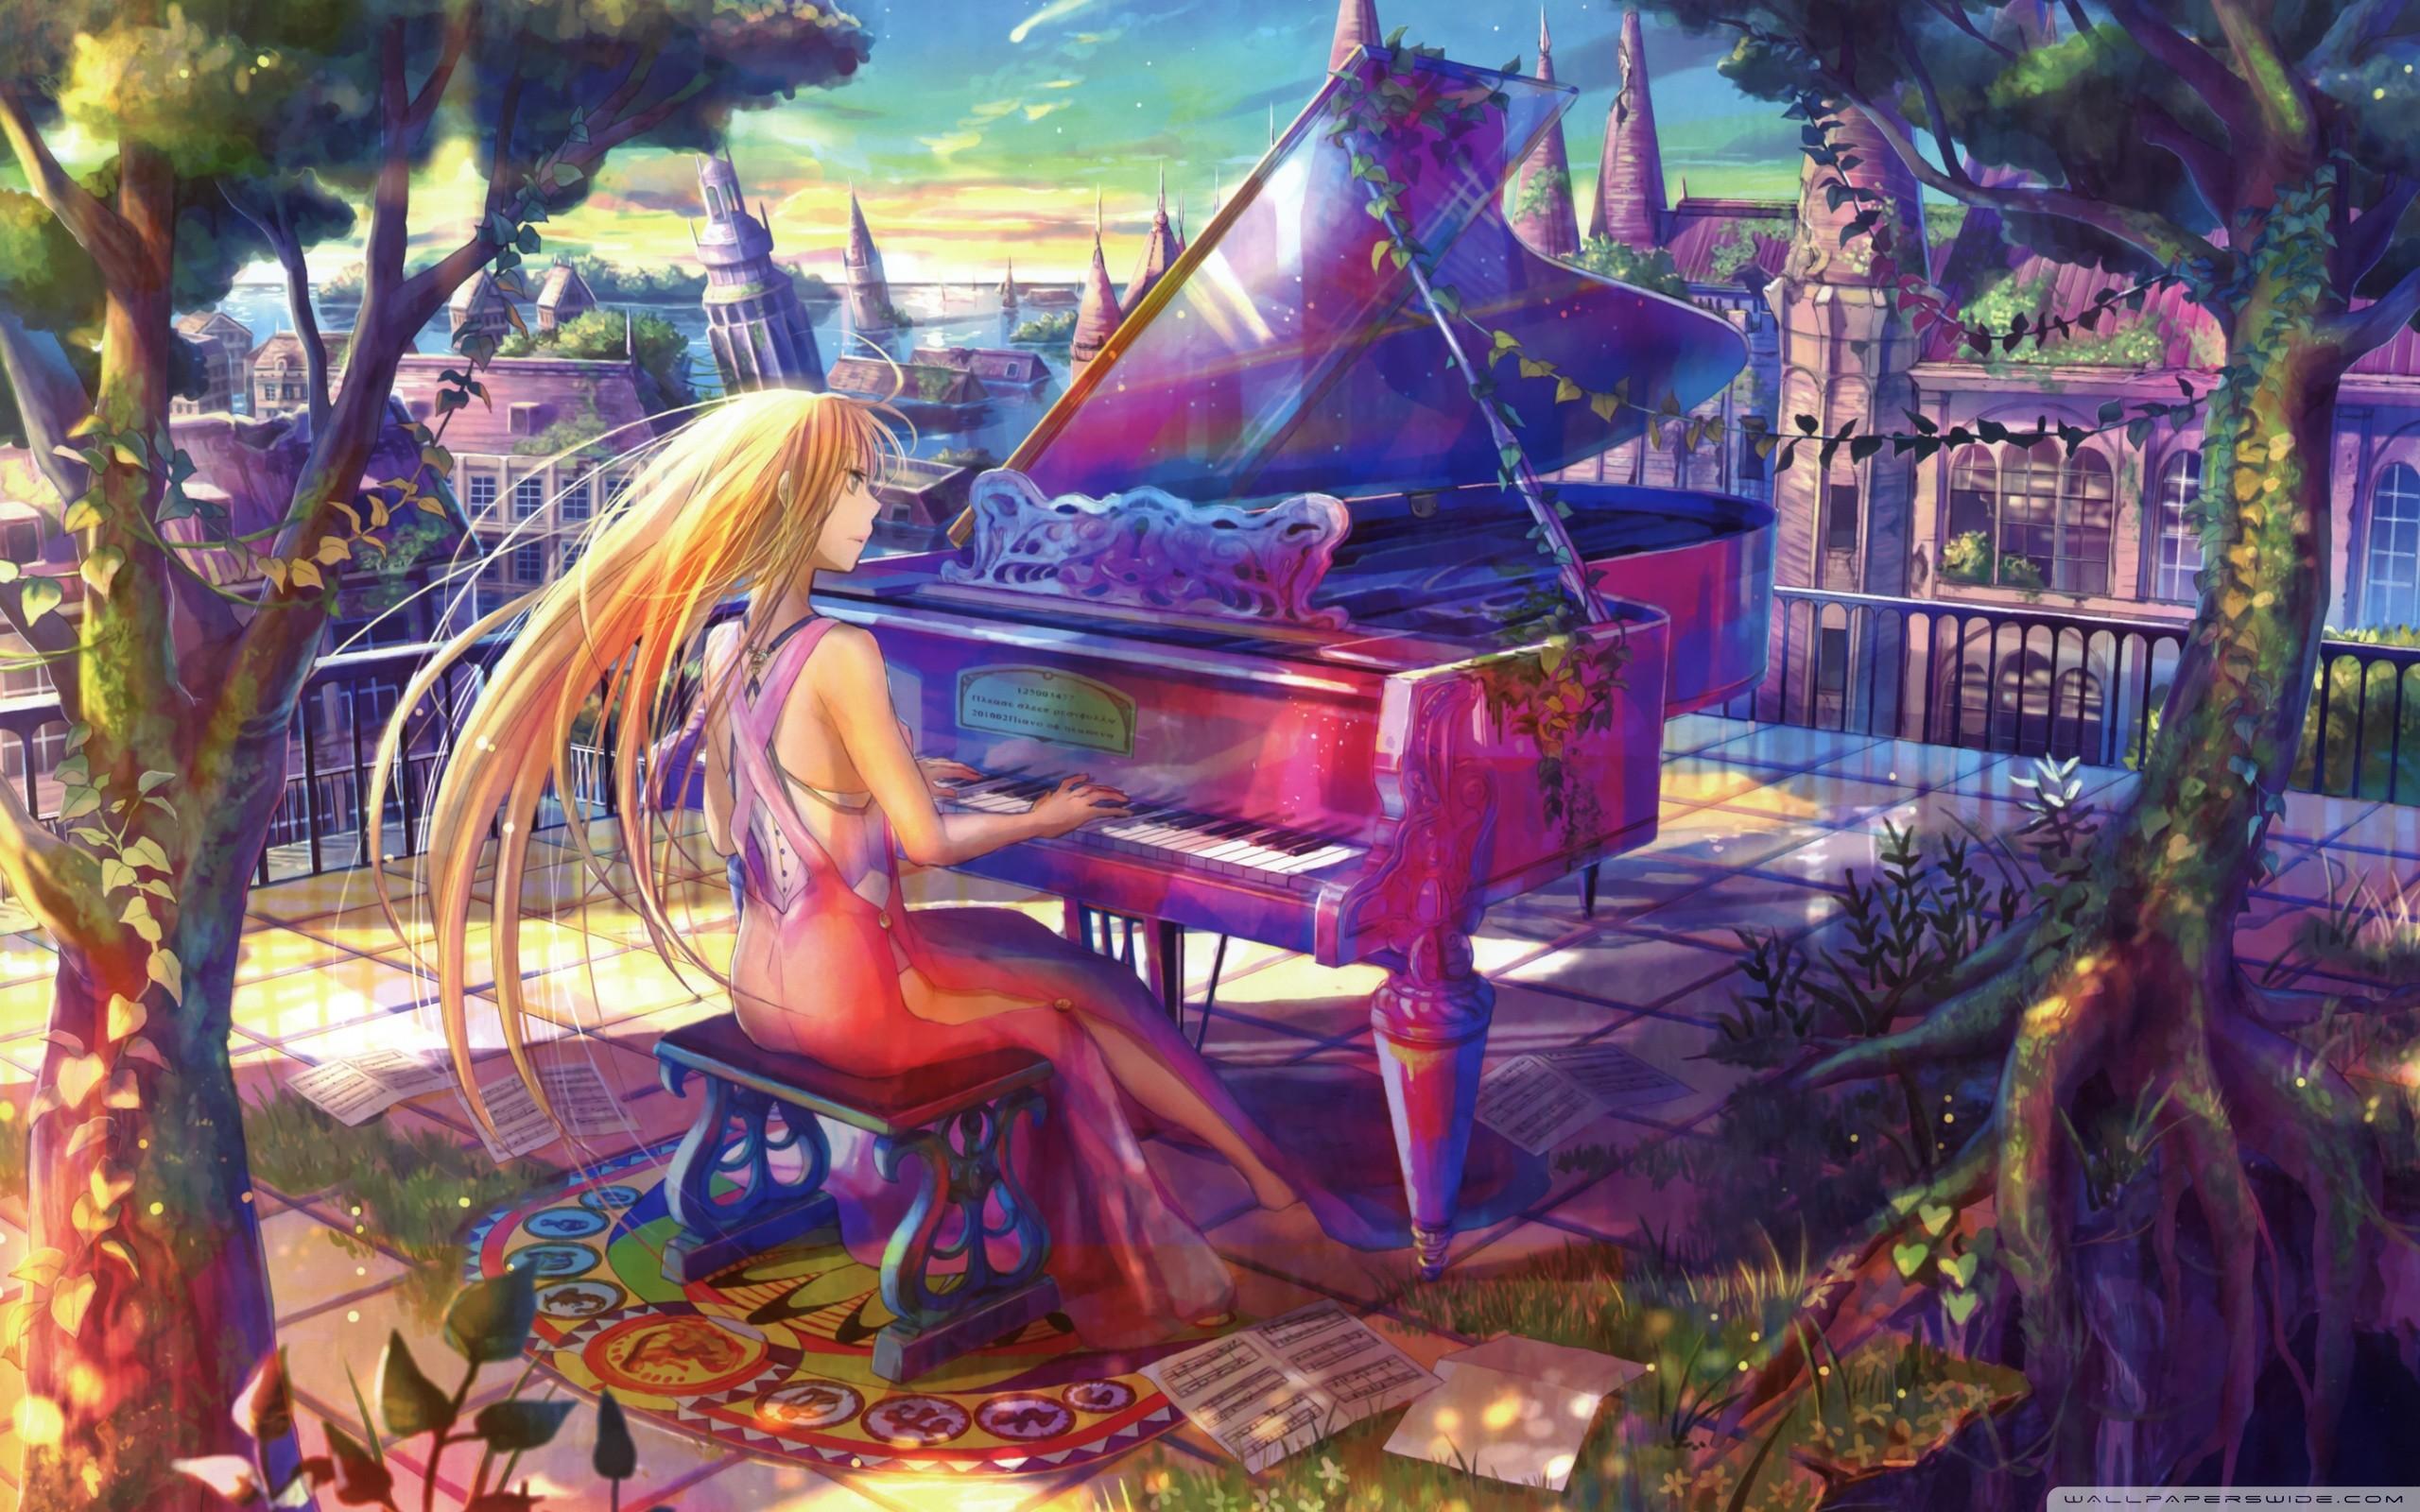 Fuji Choko Playing Piano Anime Wallpaper HD